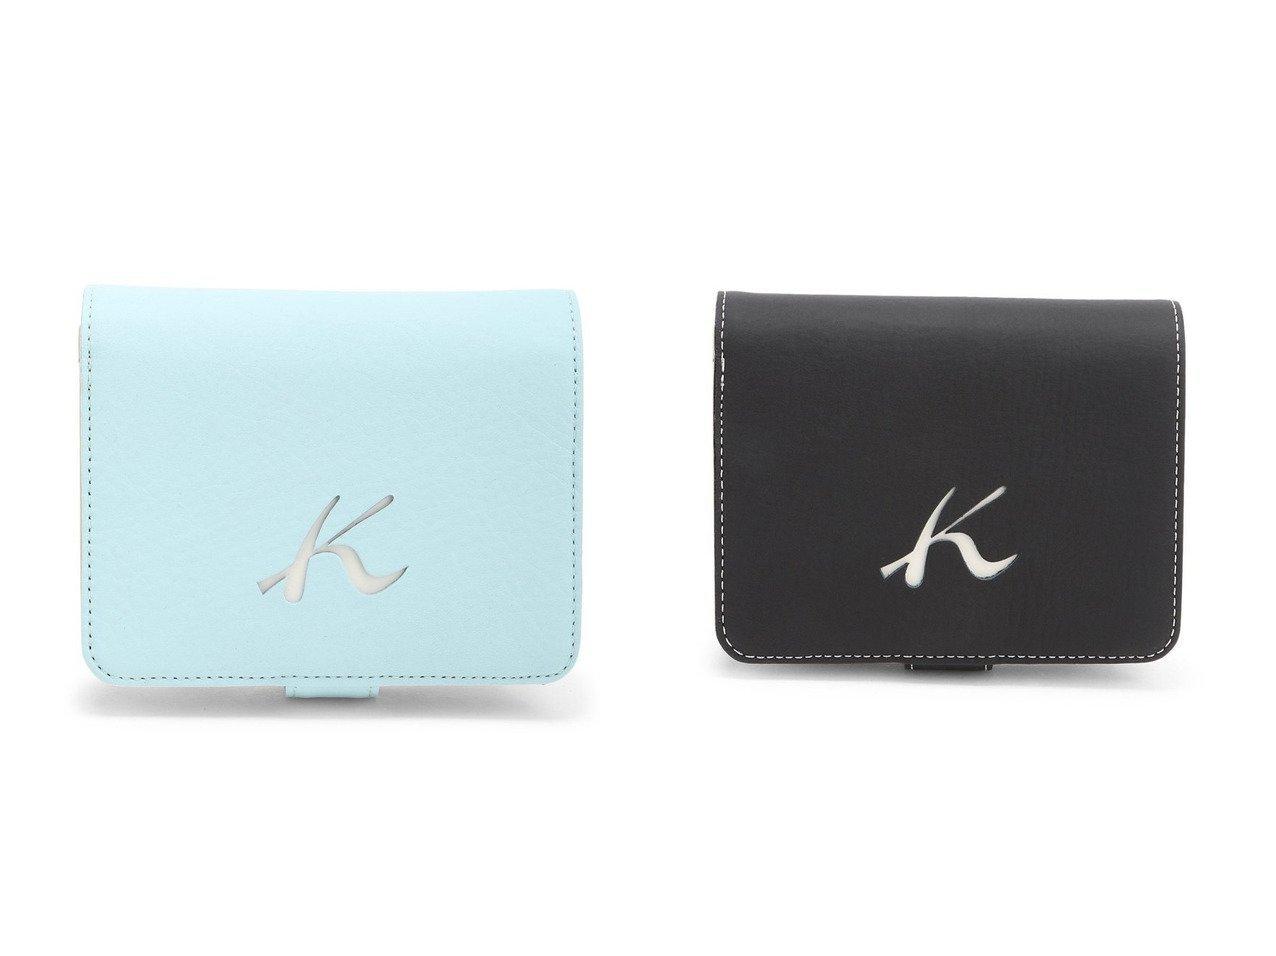 【Kitamura/キタムラ】の二折財布 PH0334 おすすめ!人気、トレンド・レディースファッションの通販 おすすめで人気の流行・トレンド、ファッションの通販商品 インテリア・家具・メンズファッション・キッズファッション・レディースファッション・服の通販 founy(ファニー) https://founy.com/ ファッション Fashion レディースファッション WOMEN 財布 Wallets ボックス ポケット 財布 |ID:crp329100000061683